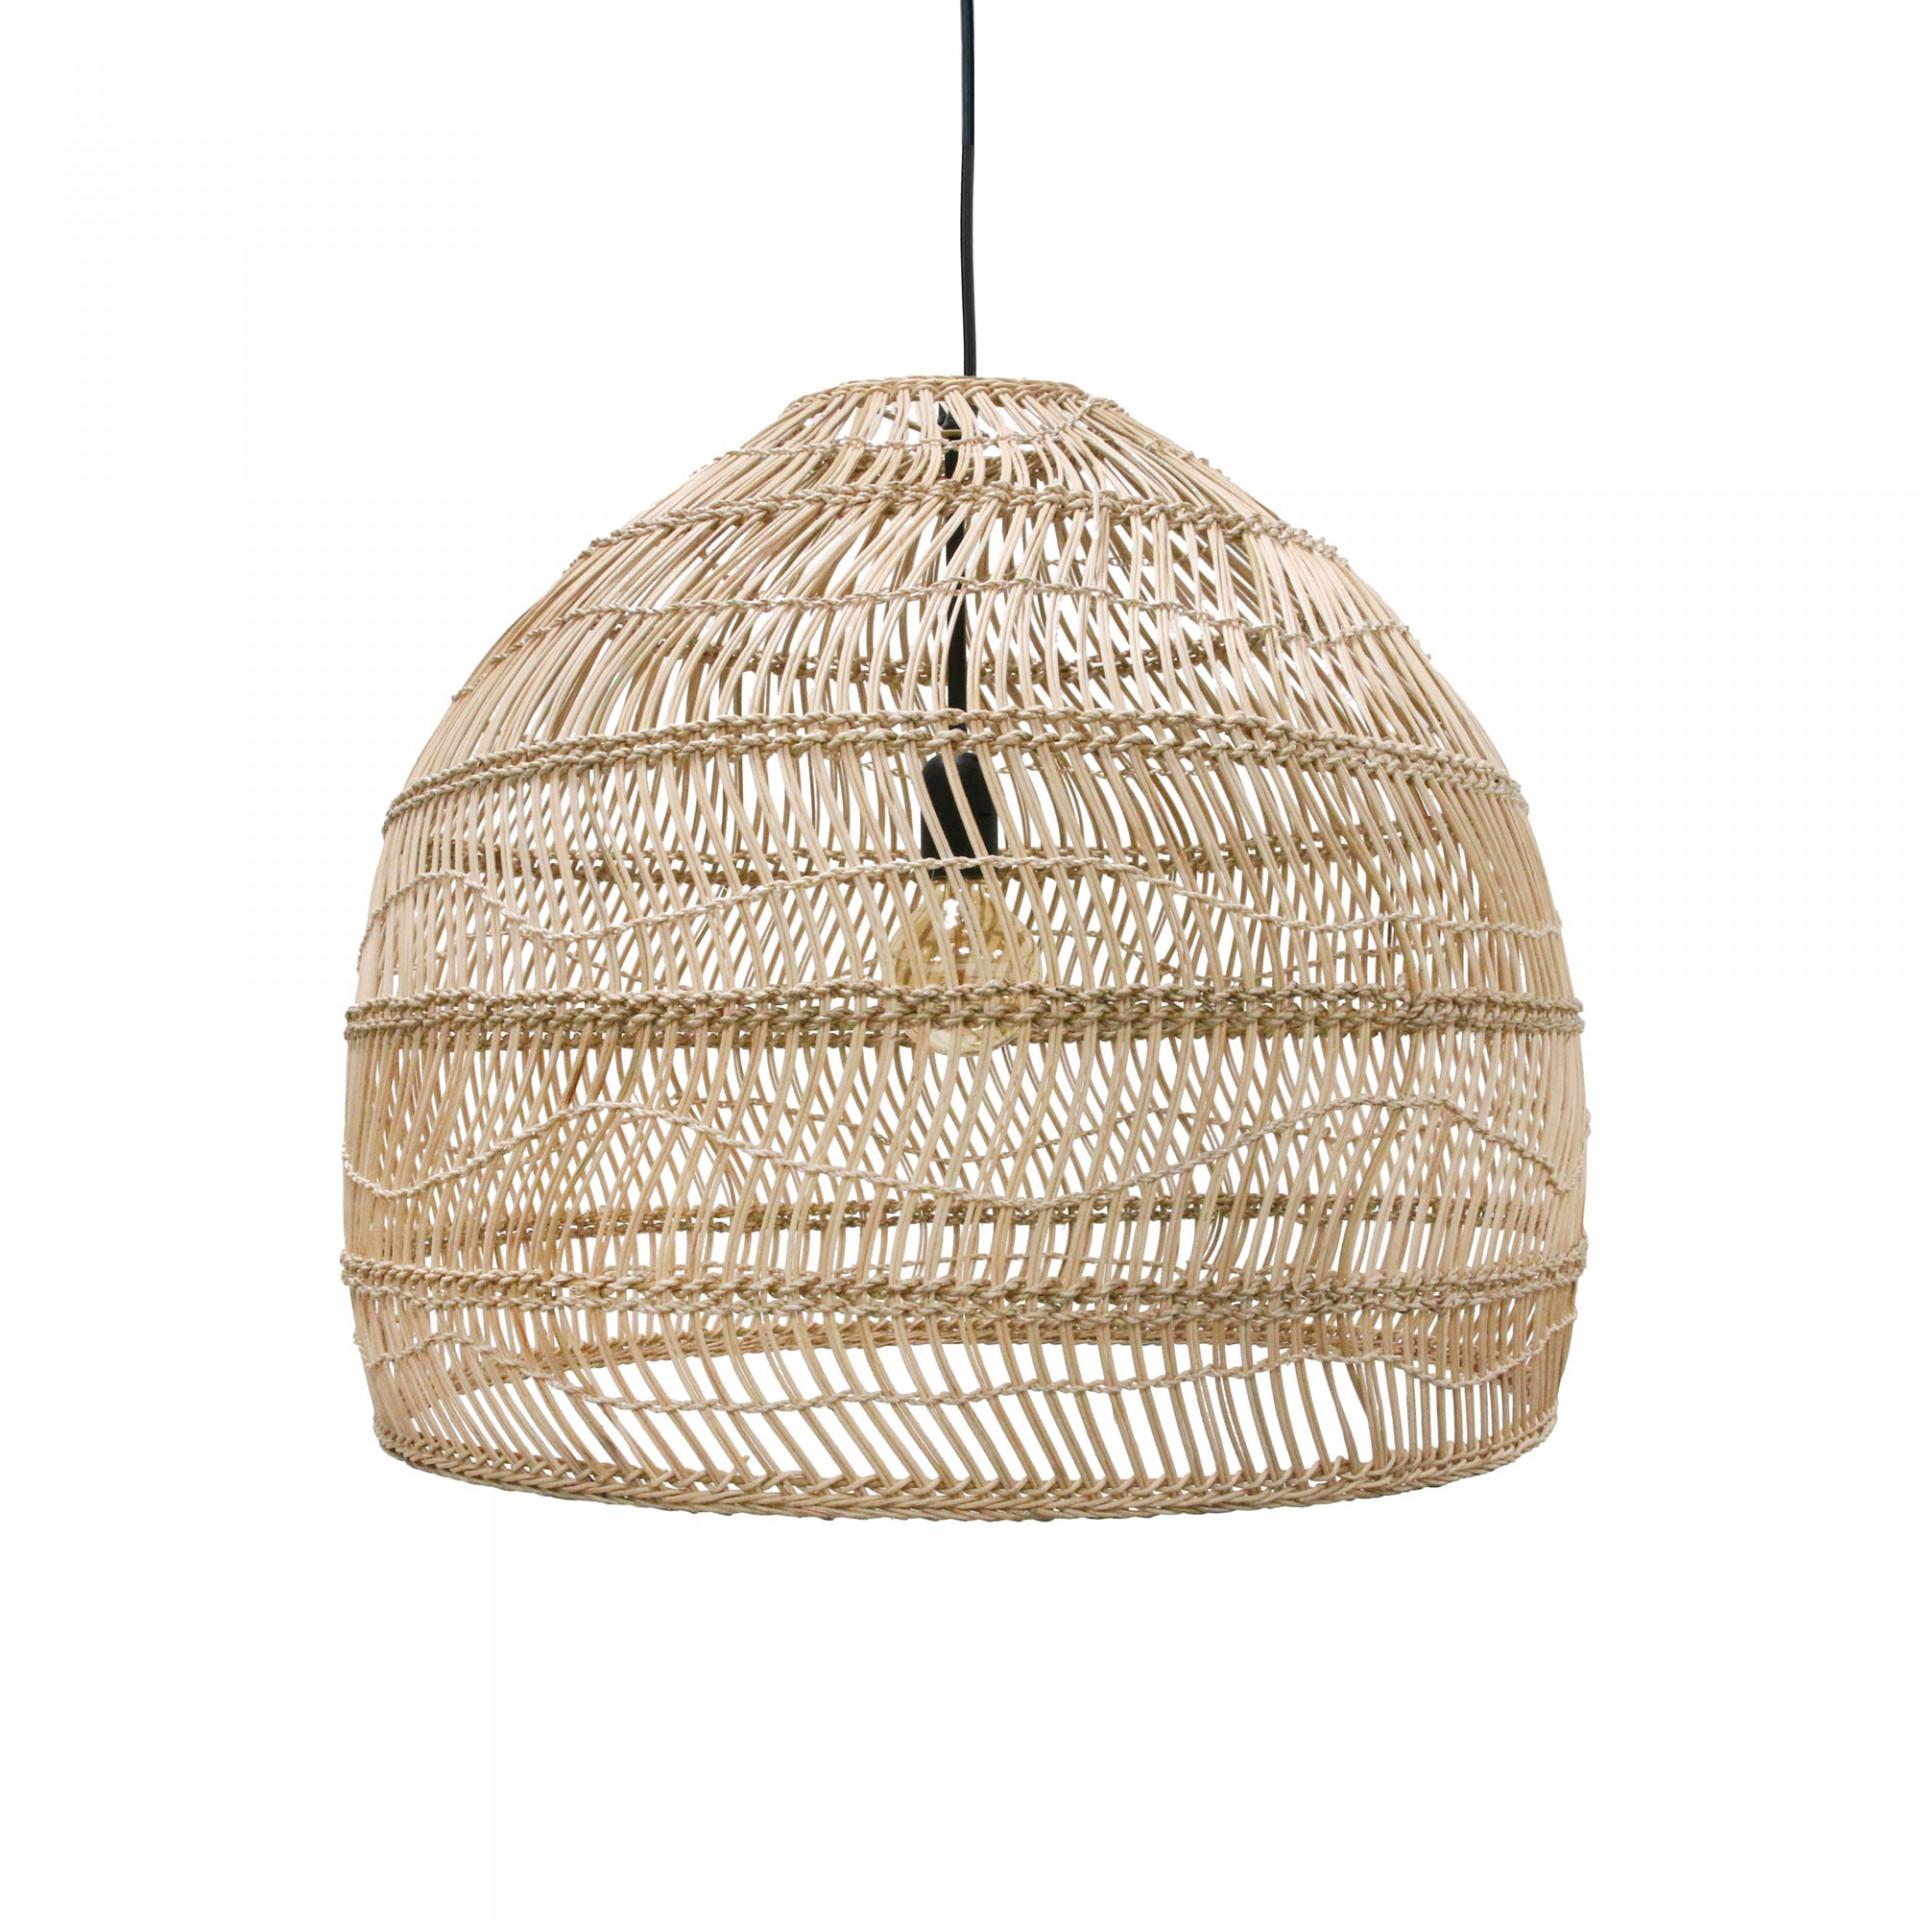 Candeeiro de tecto Balli, rattan natural, Ø60x50